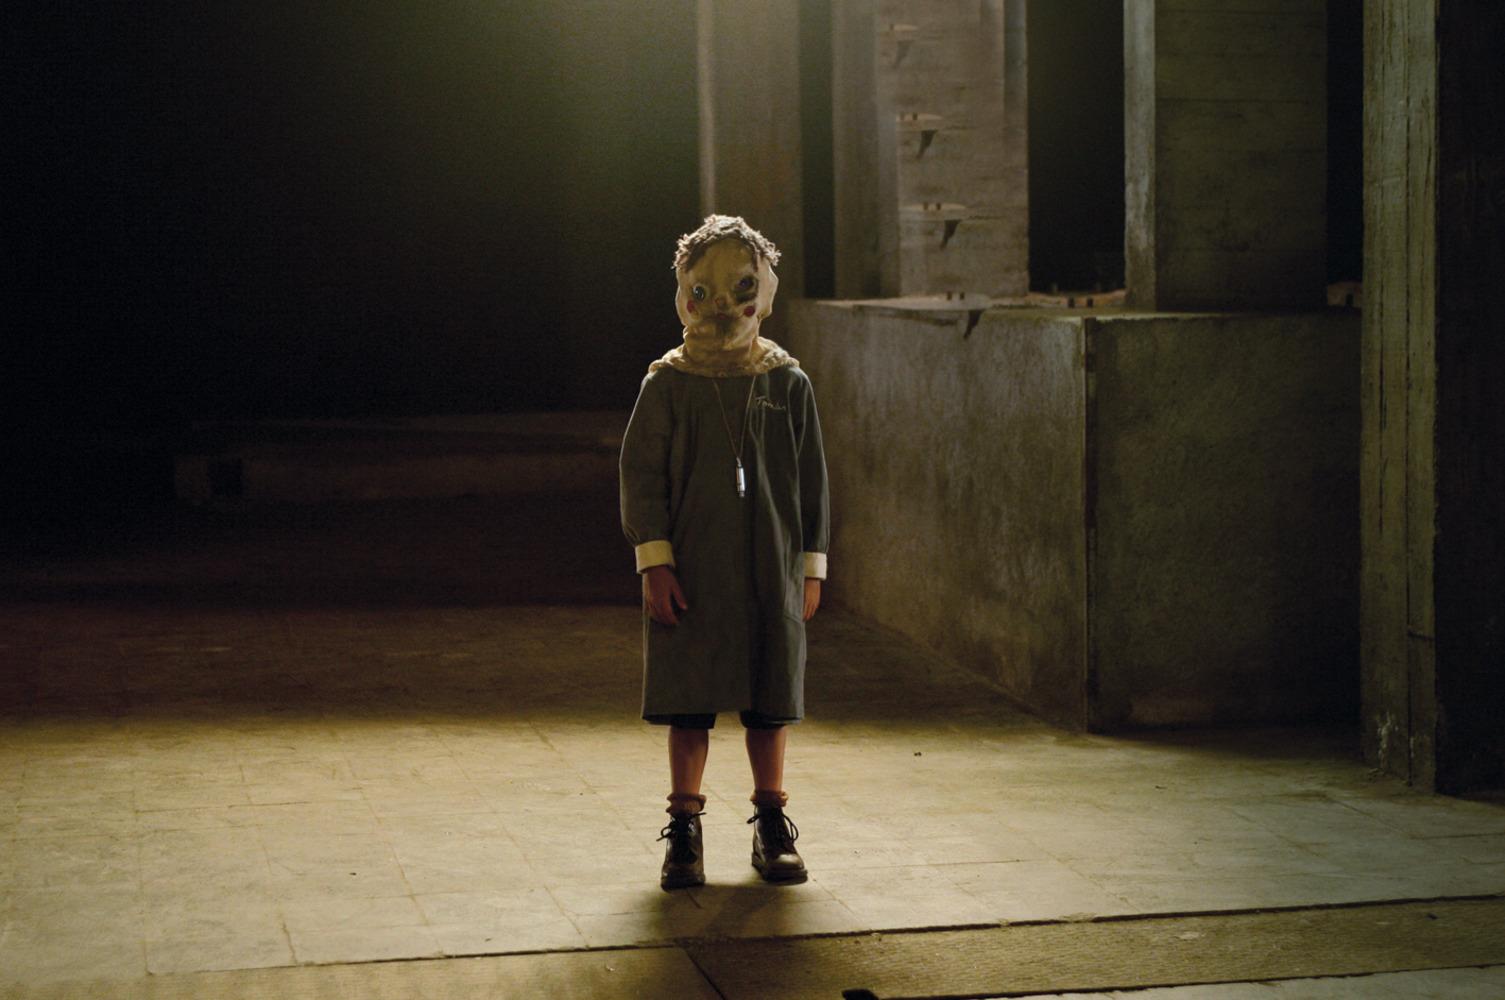 El orfanato: che esordio!